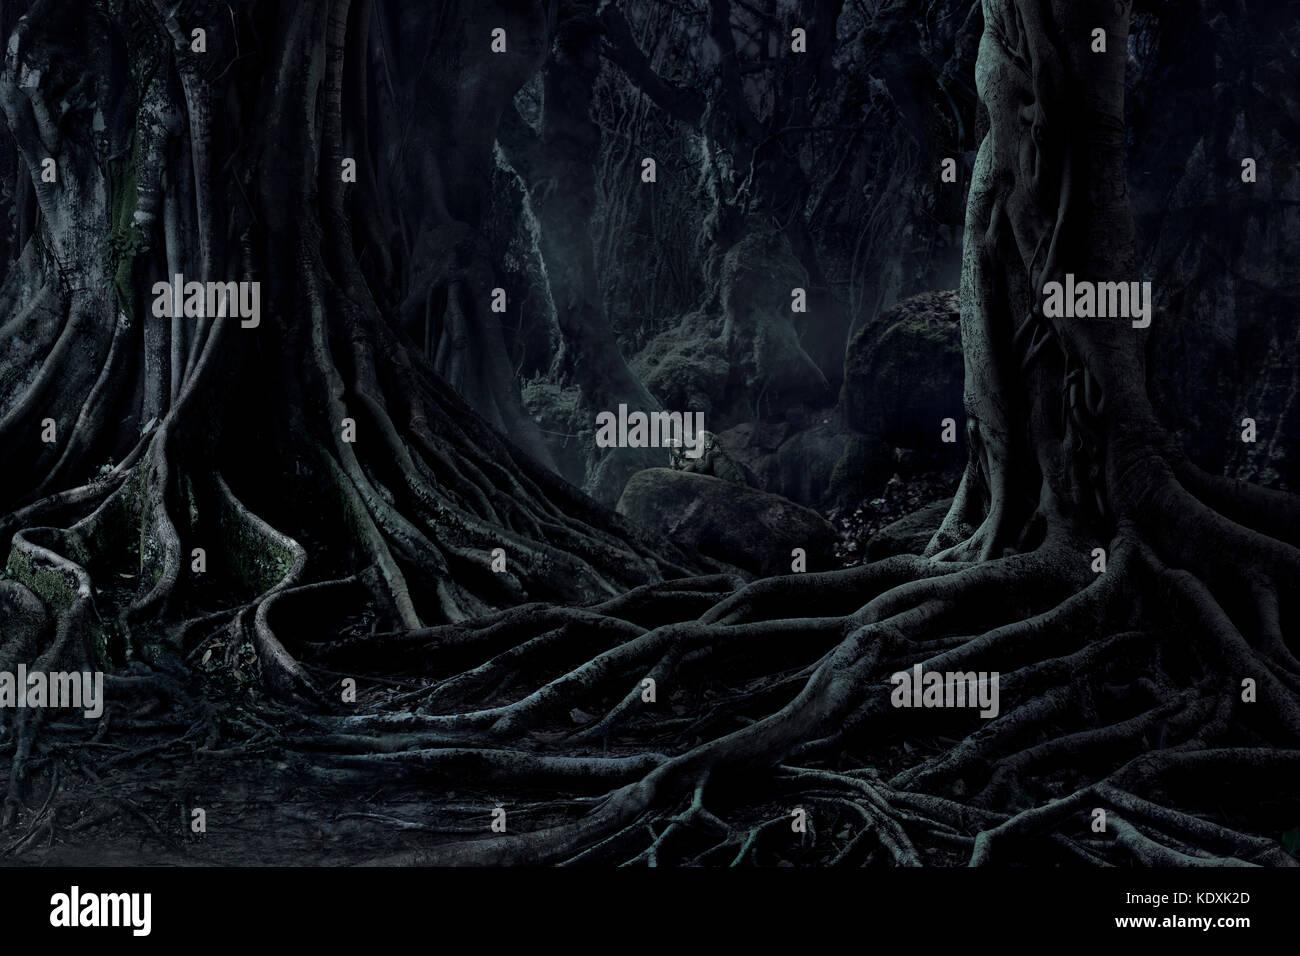 Spooky halloween morti misteriose creepy foresta di alberi con radici intrecciati e due lizard sulla notte nebbiosa Immagini Stock